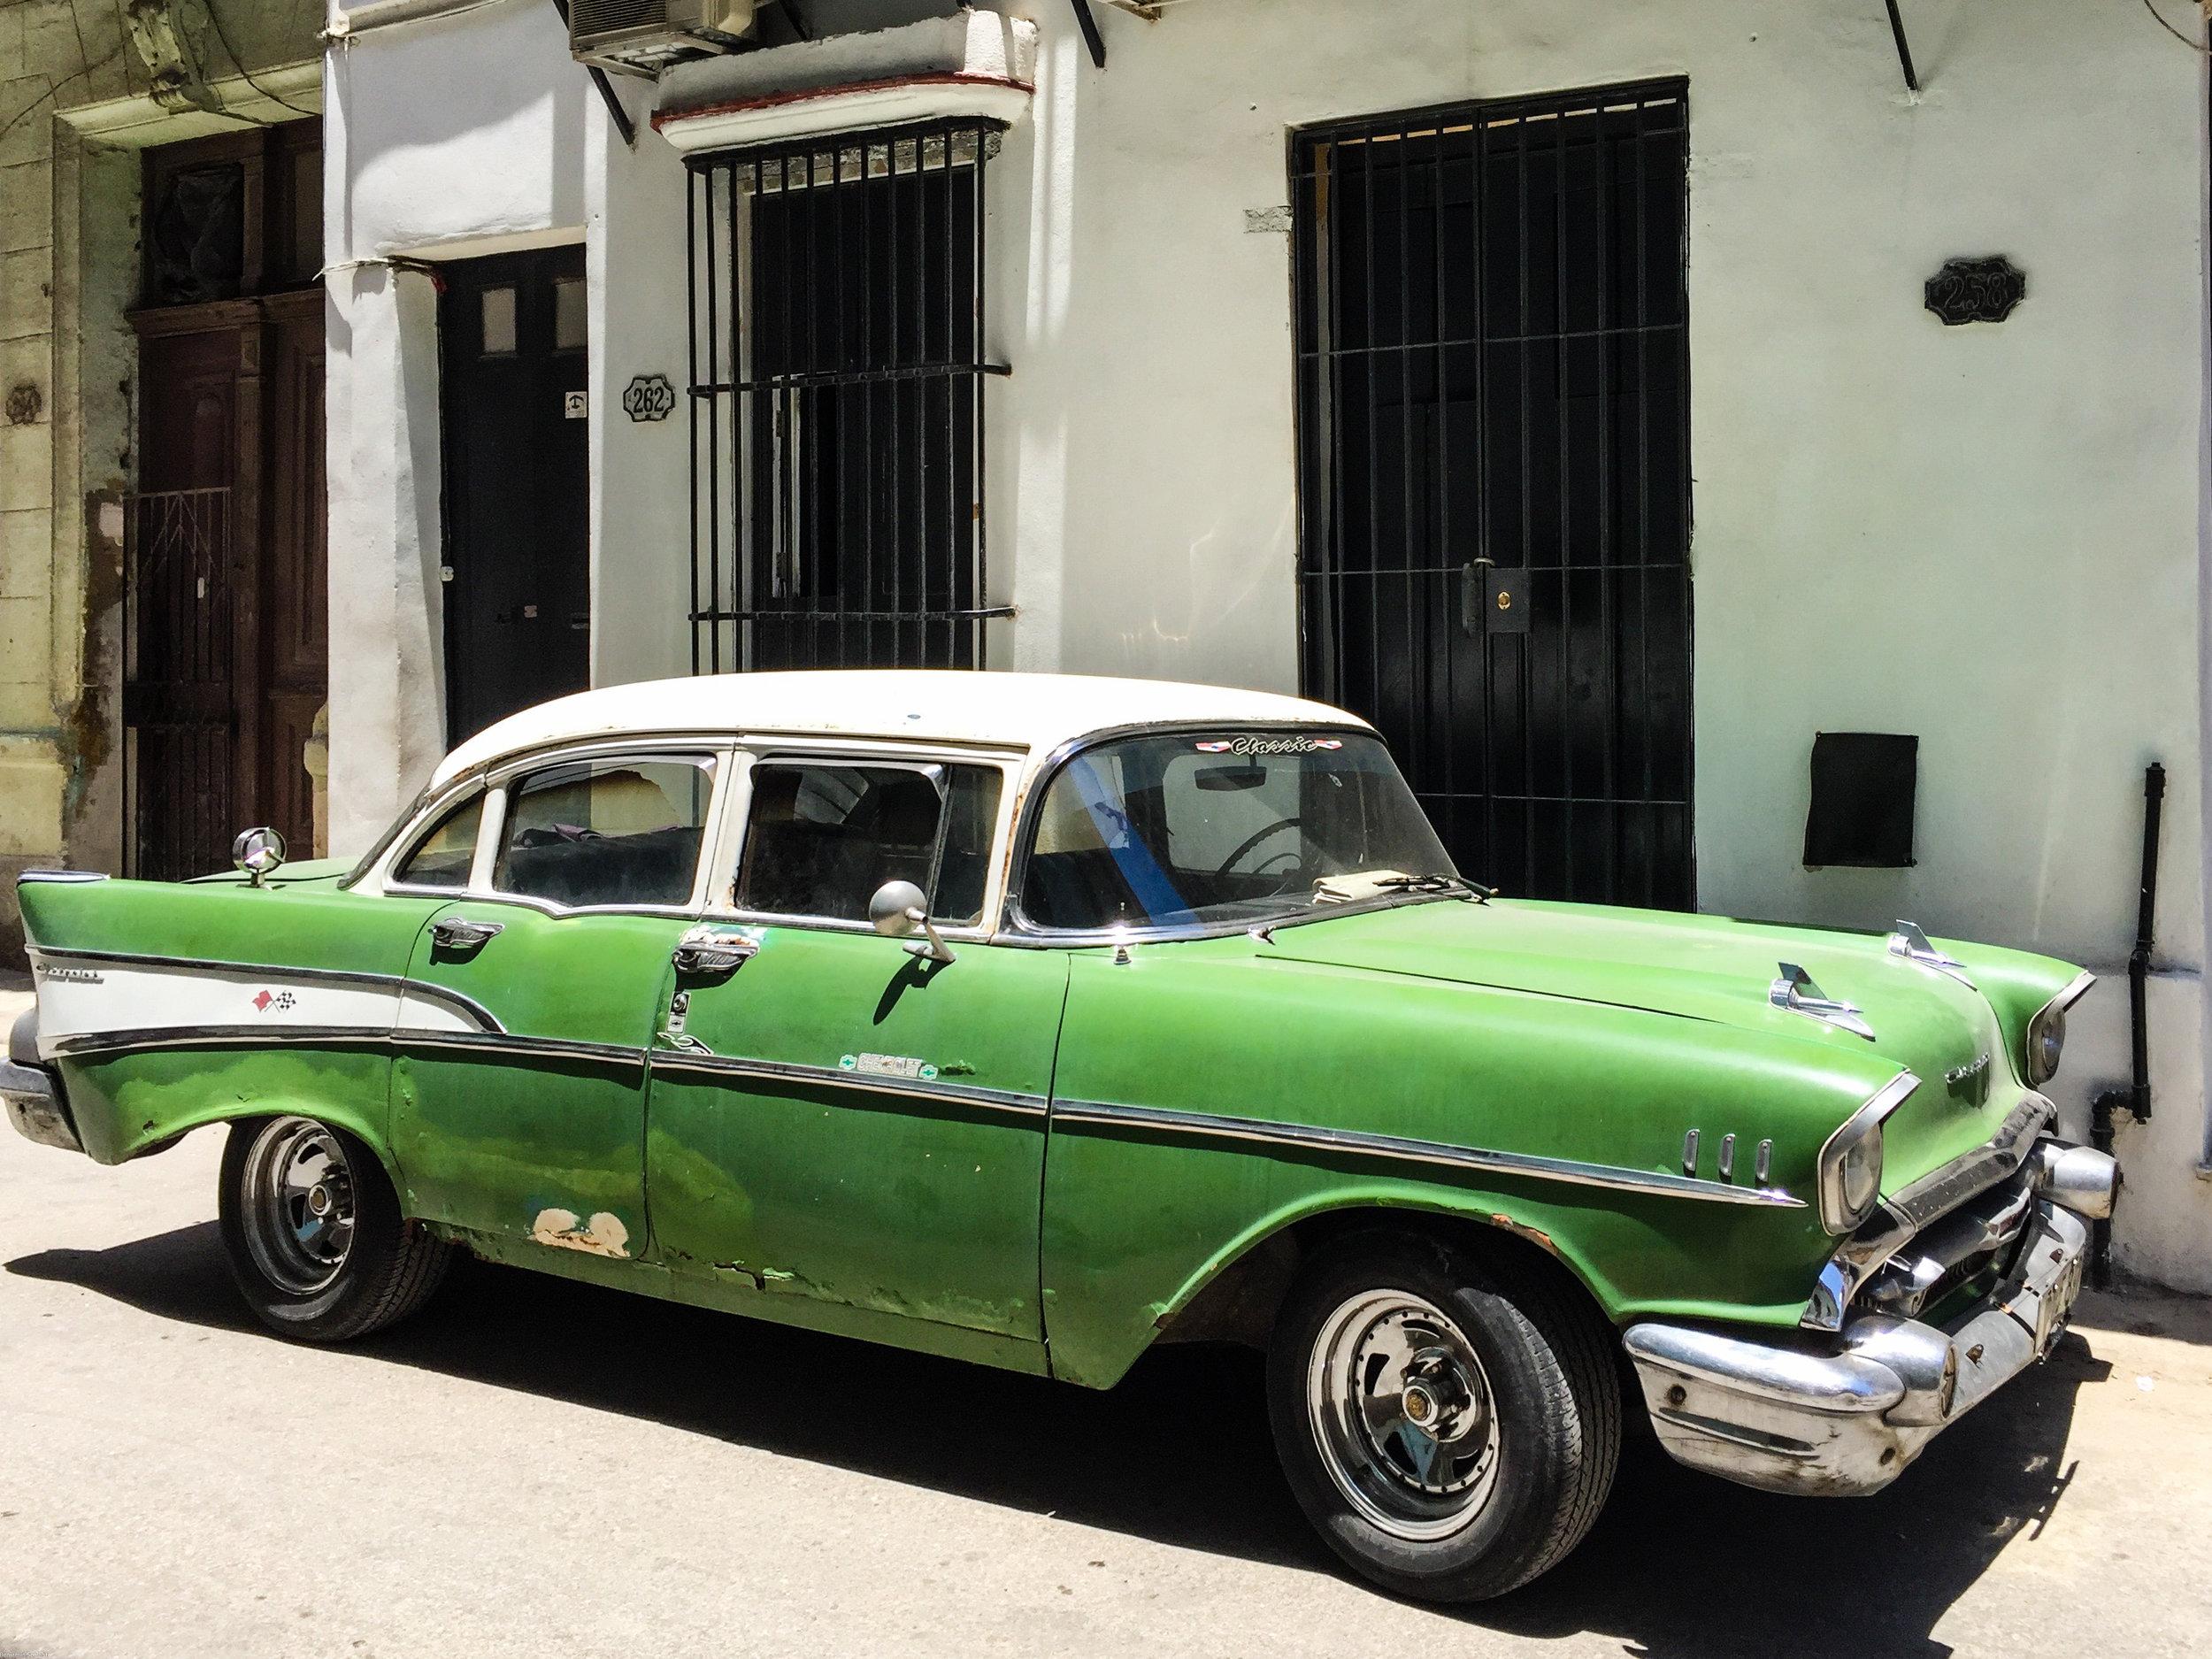 An old green car in Havana